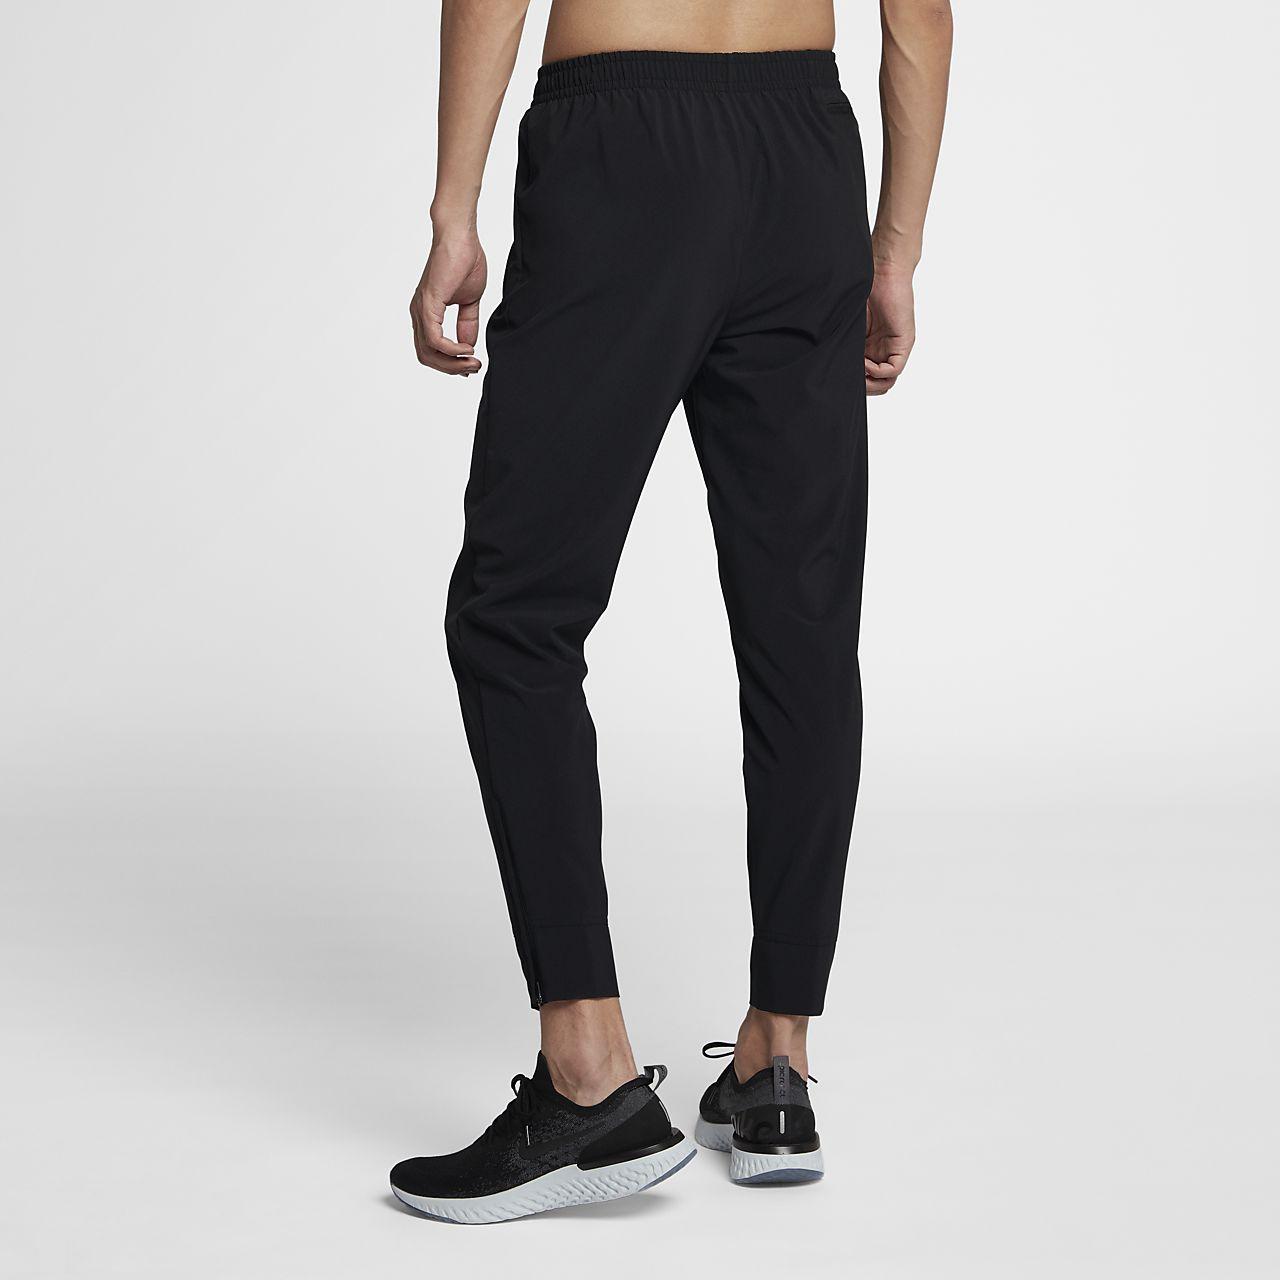 999a24954738e Pantalon de running tissé Nike Essential pour Homme. Nike.com FR